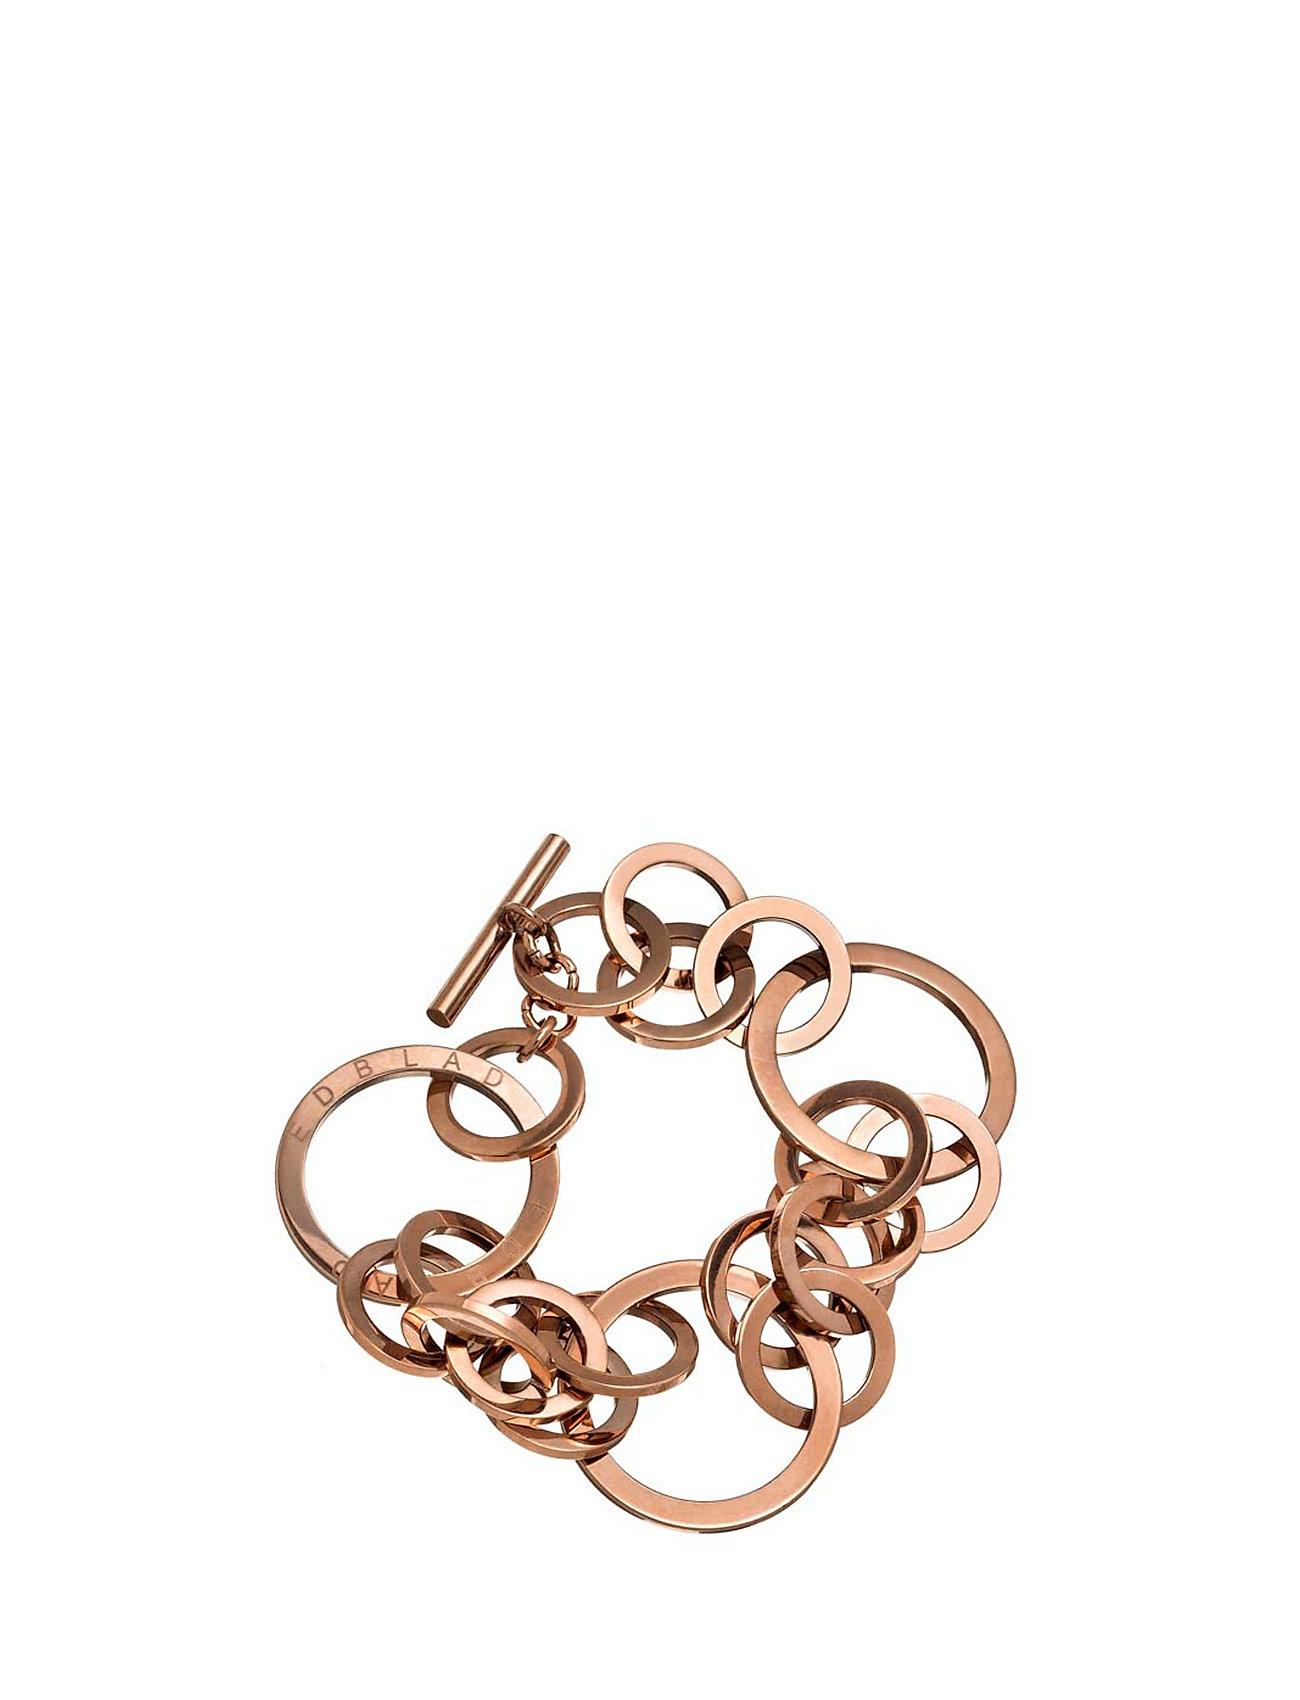 edblad Lola bracelet på boozt.com dk